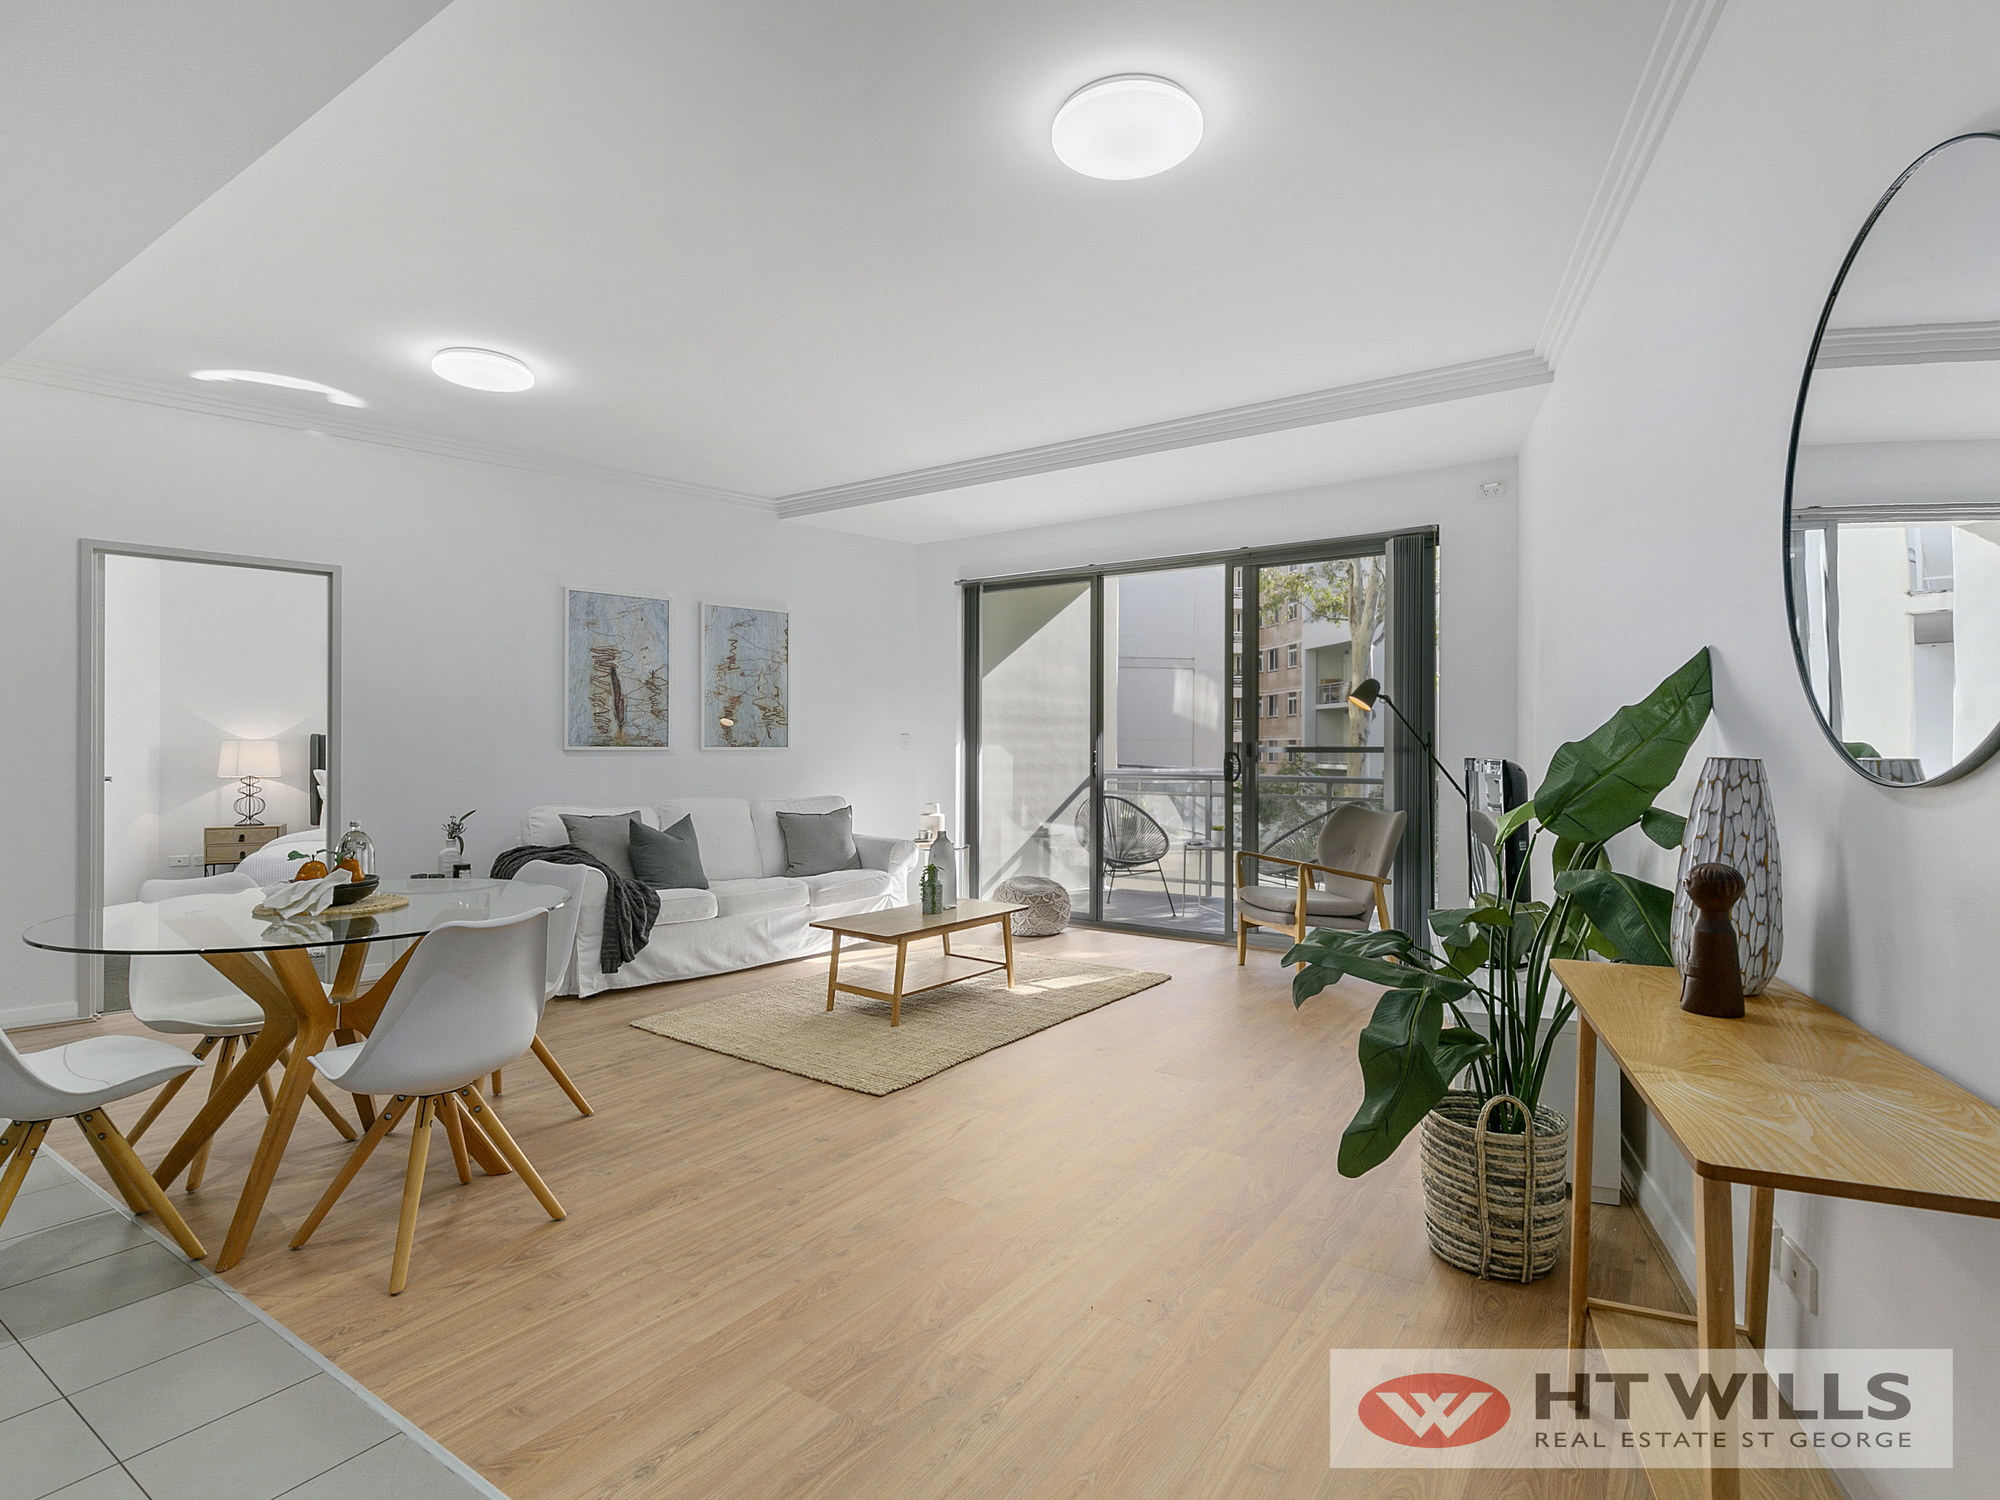 Freshly renovated 2 bedroom in the heart of Hurstville CBD